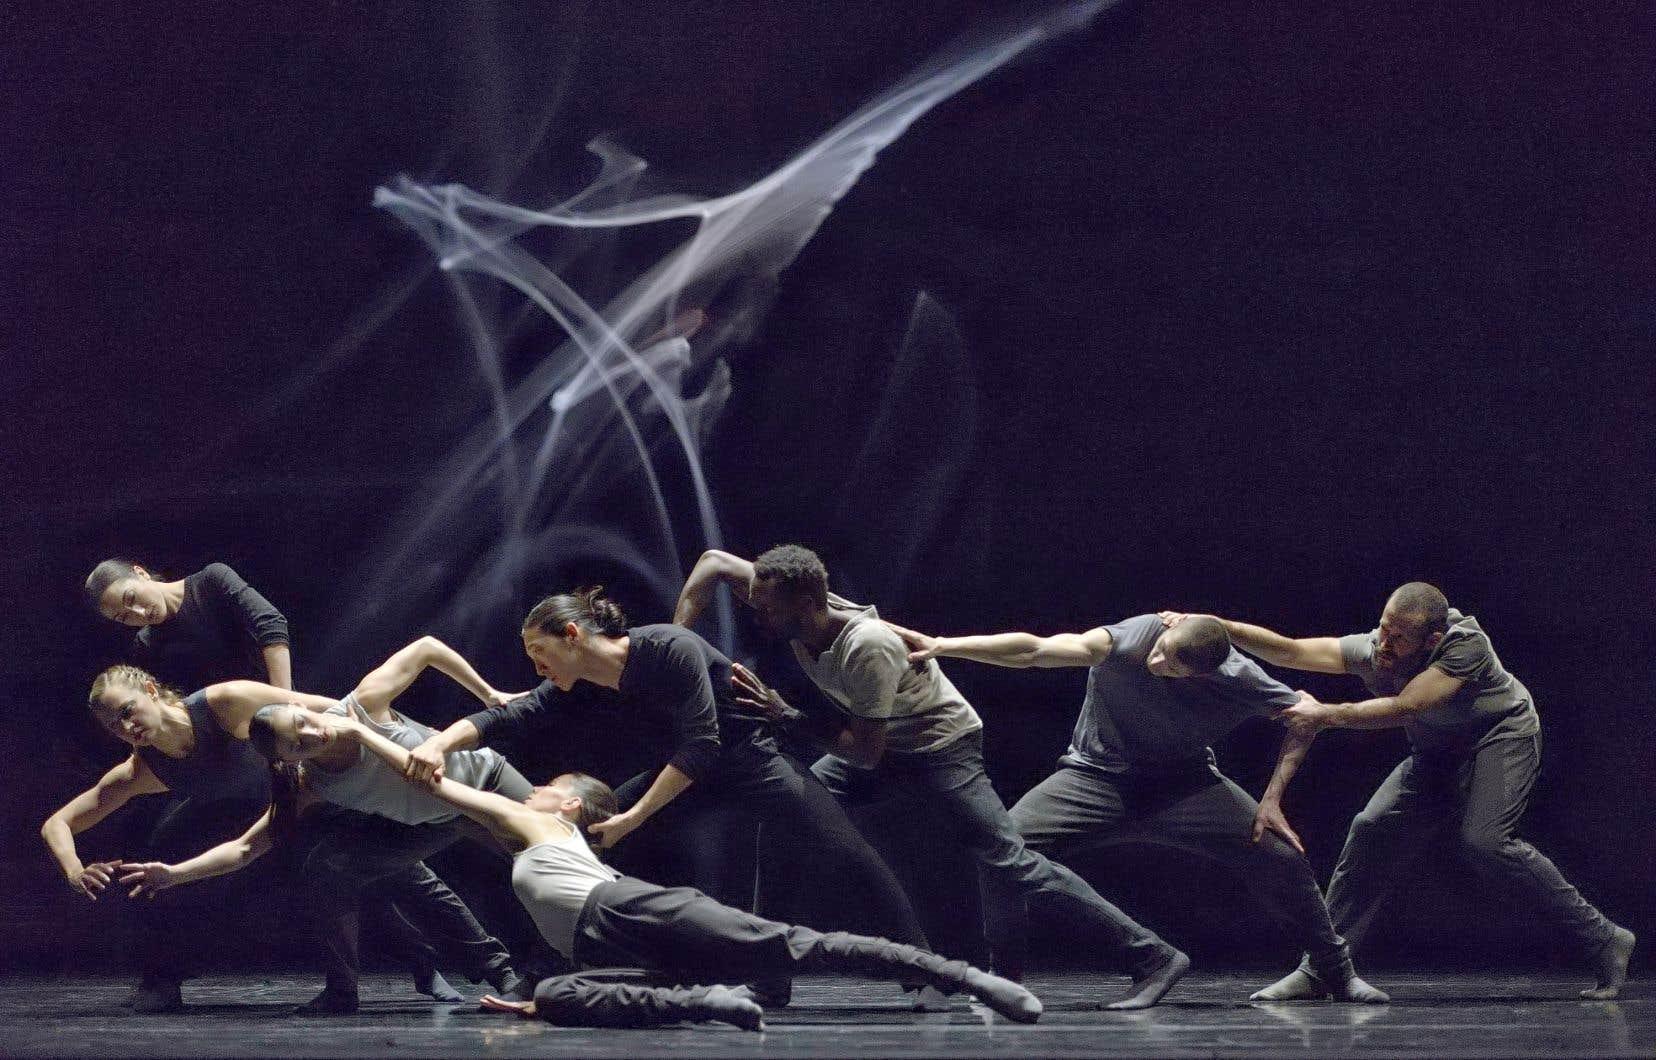 Sur le plateau, huit danseurs incarnent un dialogue explorant le conflit, la comédie et la corruption, dans la relation puissante entre le corps et la parole.